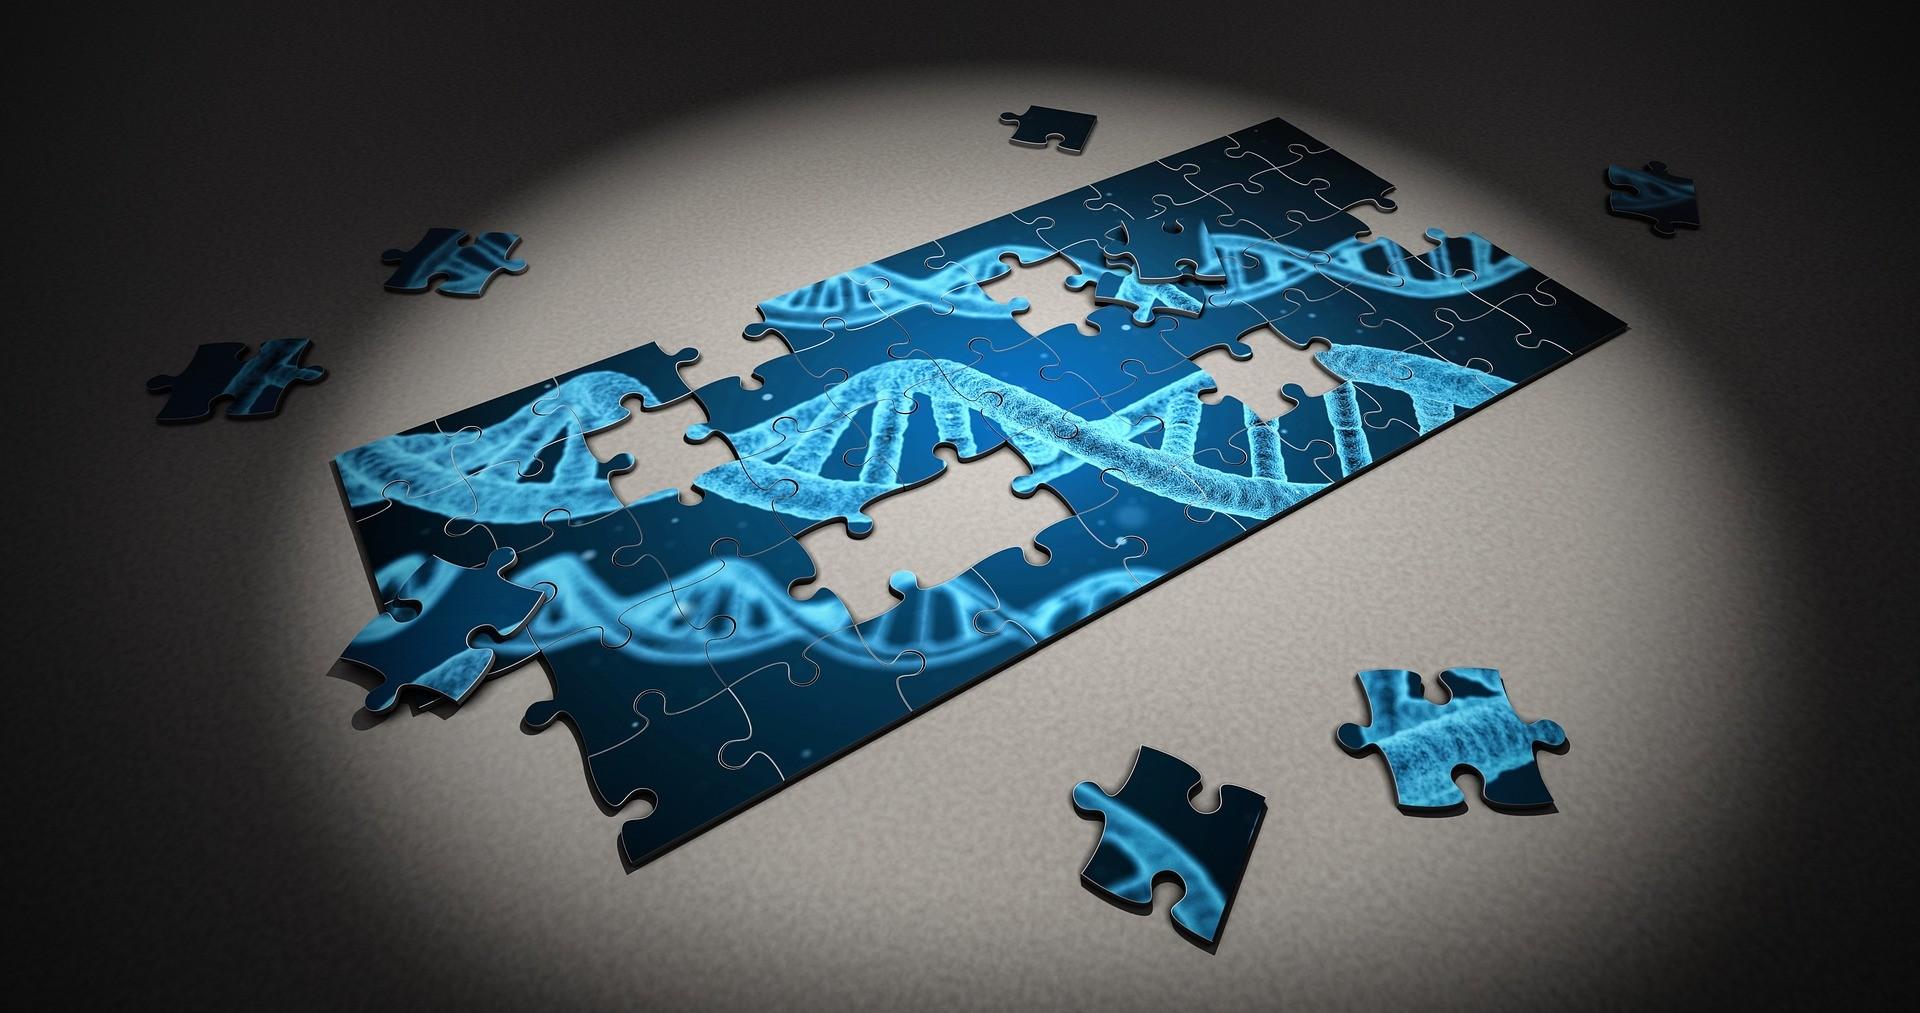 Новая мутация: ученые нашли COVID-19, против которого  антитела бессильны